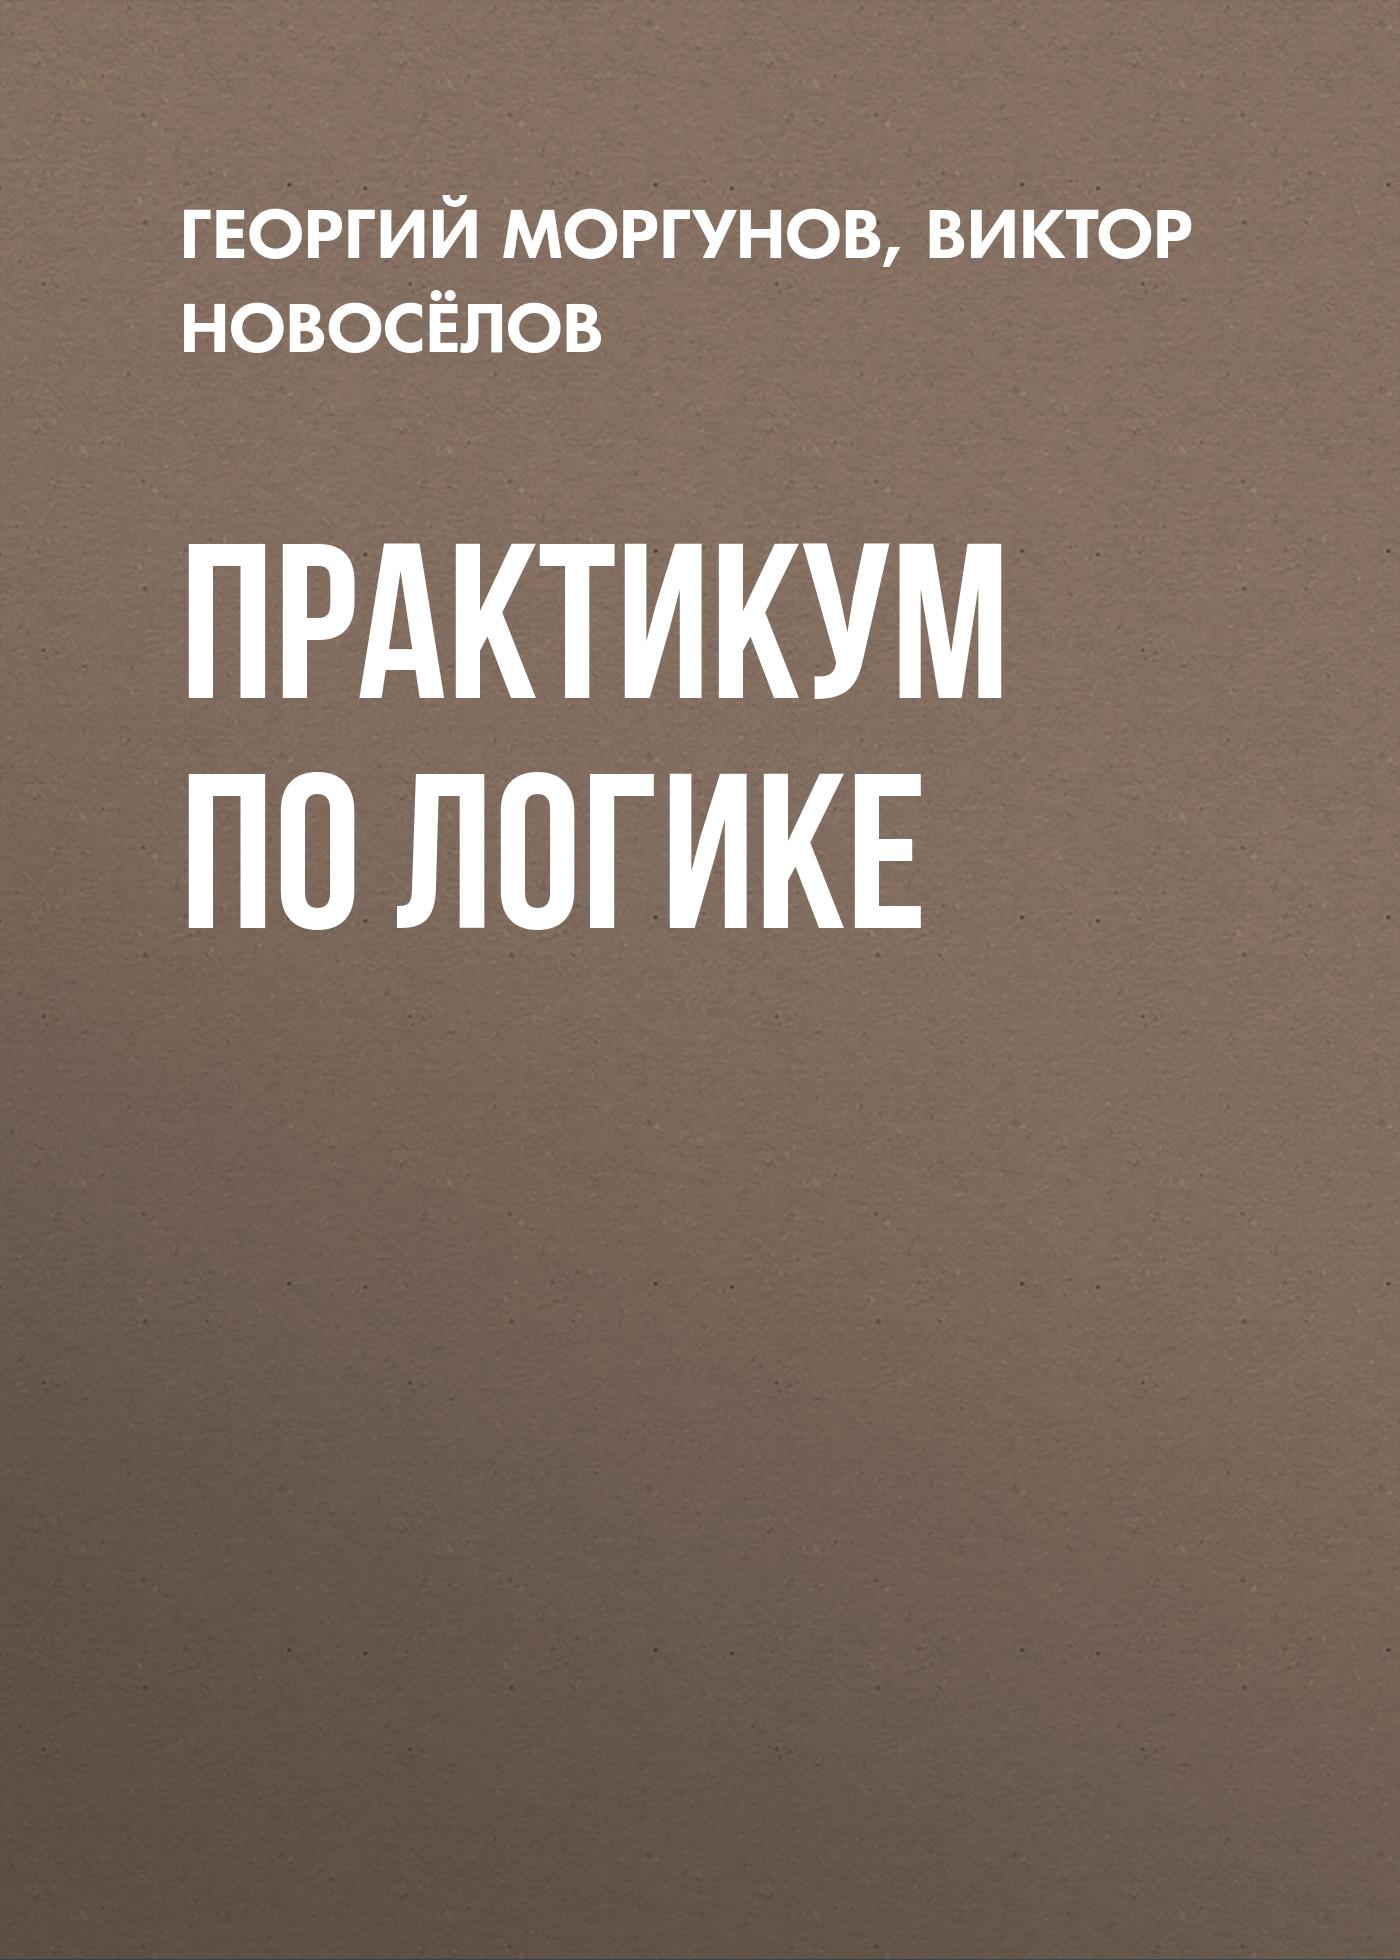 В. Г. Новосёлов Практикум по логике у м тимошенко шпаргалка по логике учебное пособие